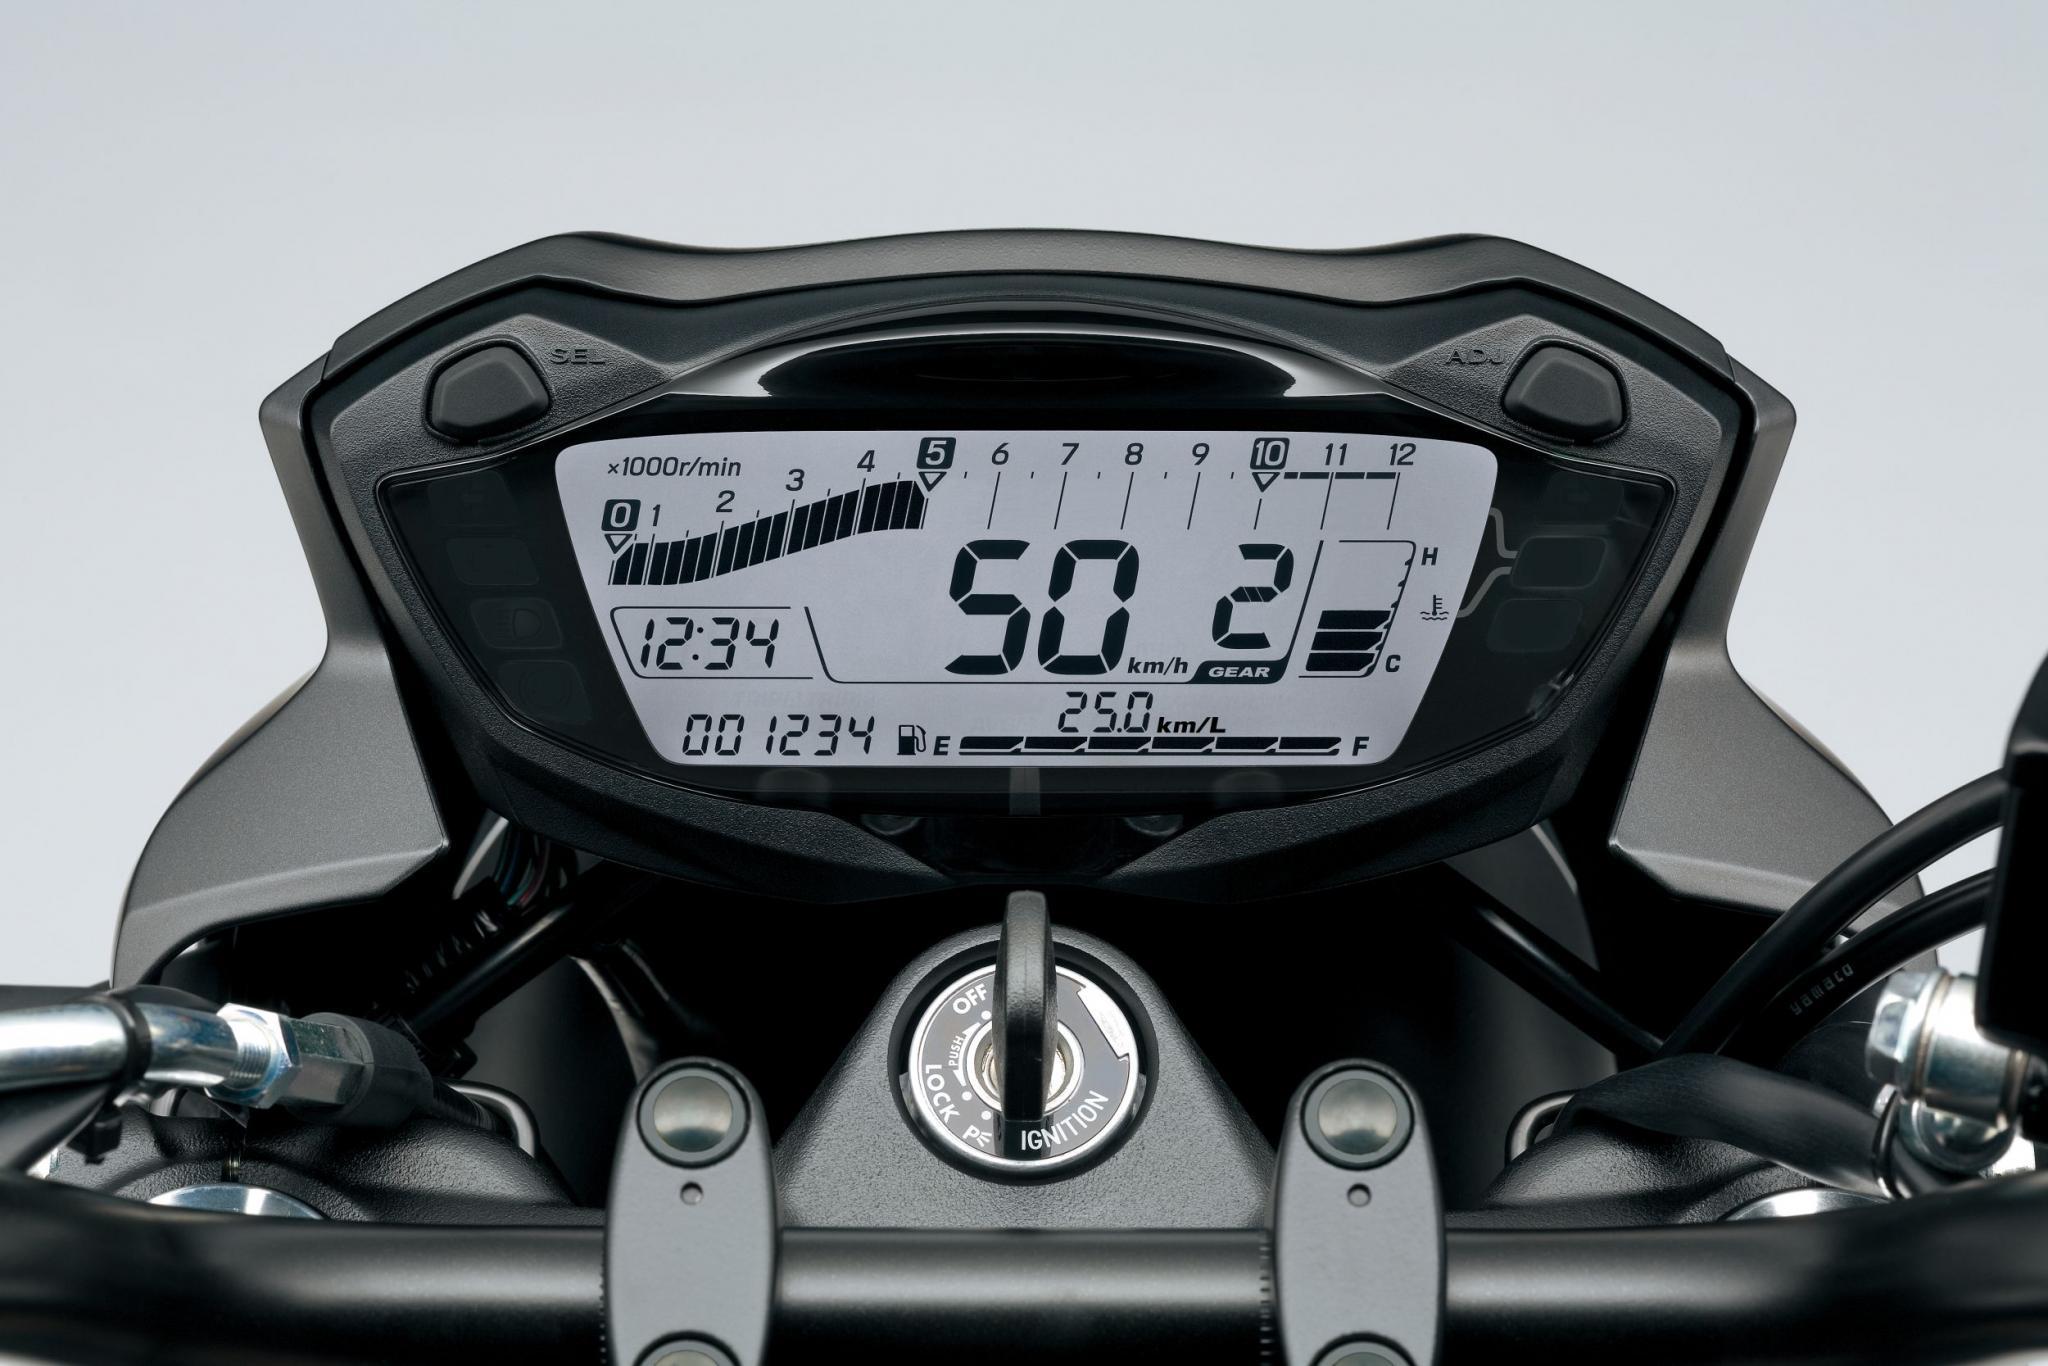 Suzuki SV 650 - Alle technischen Daten zum Modell SV 650